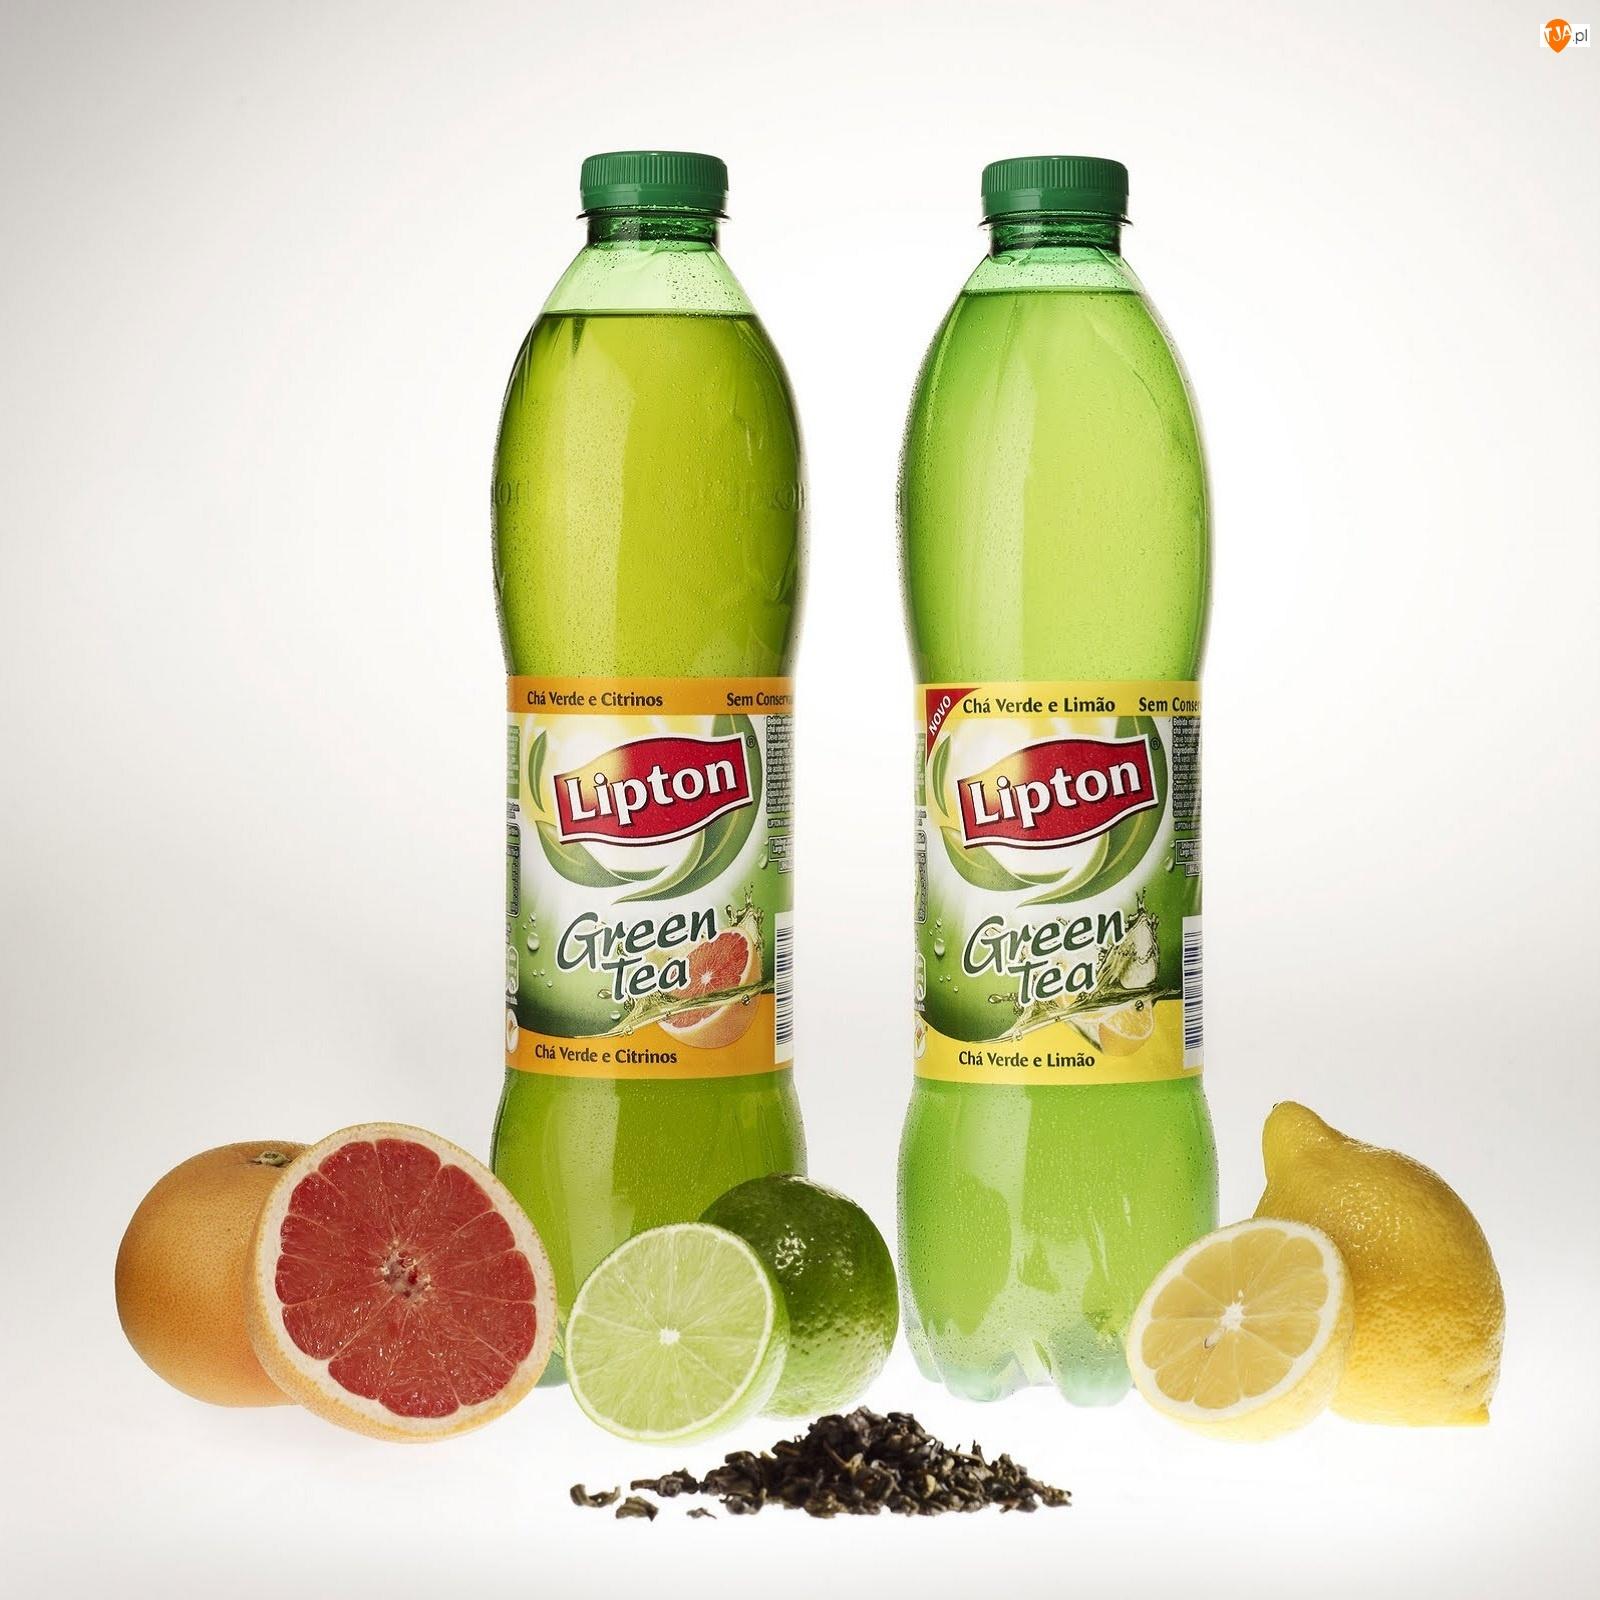 Owoce, Lipton, Green